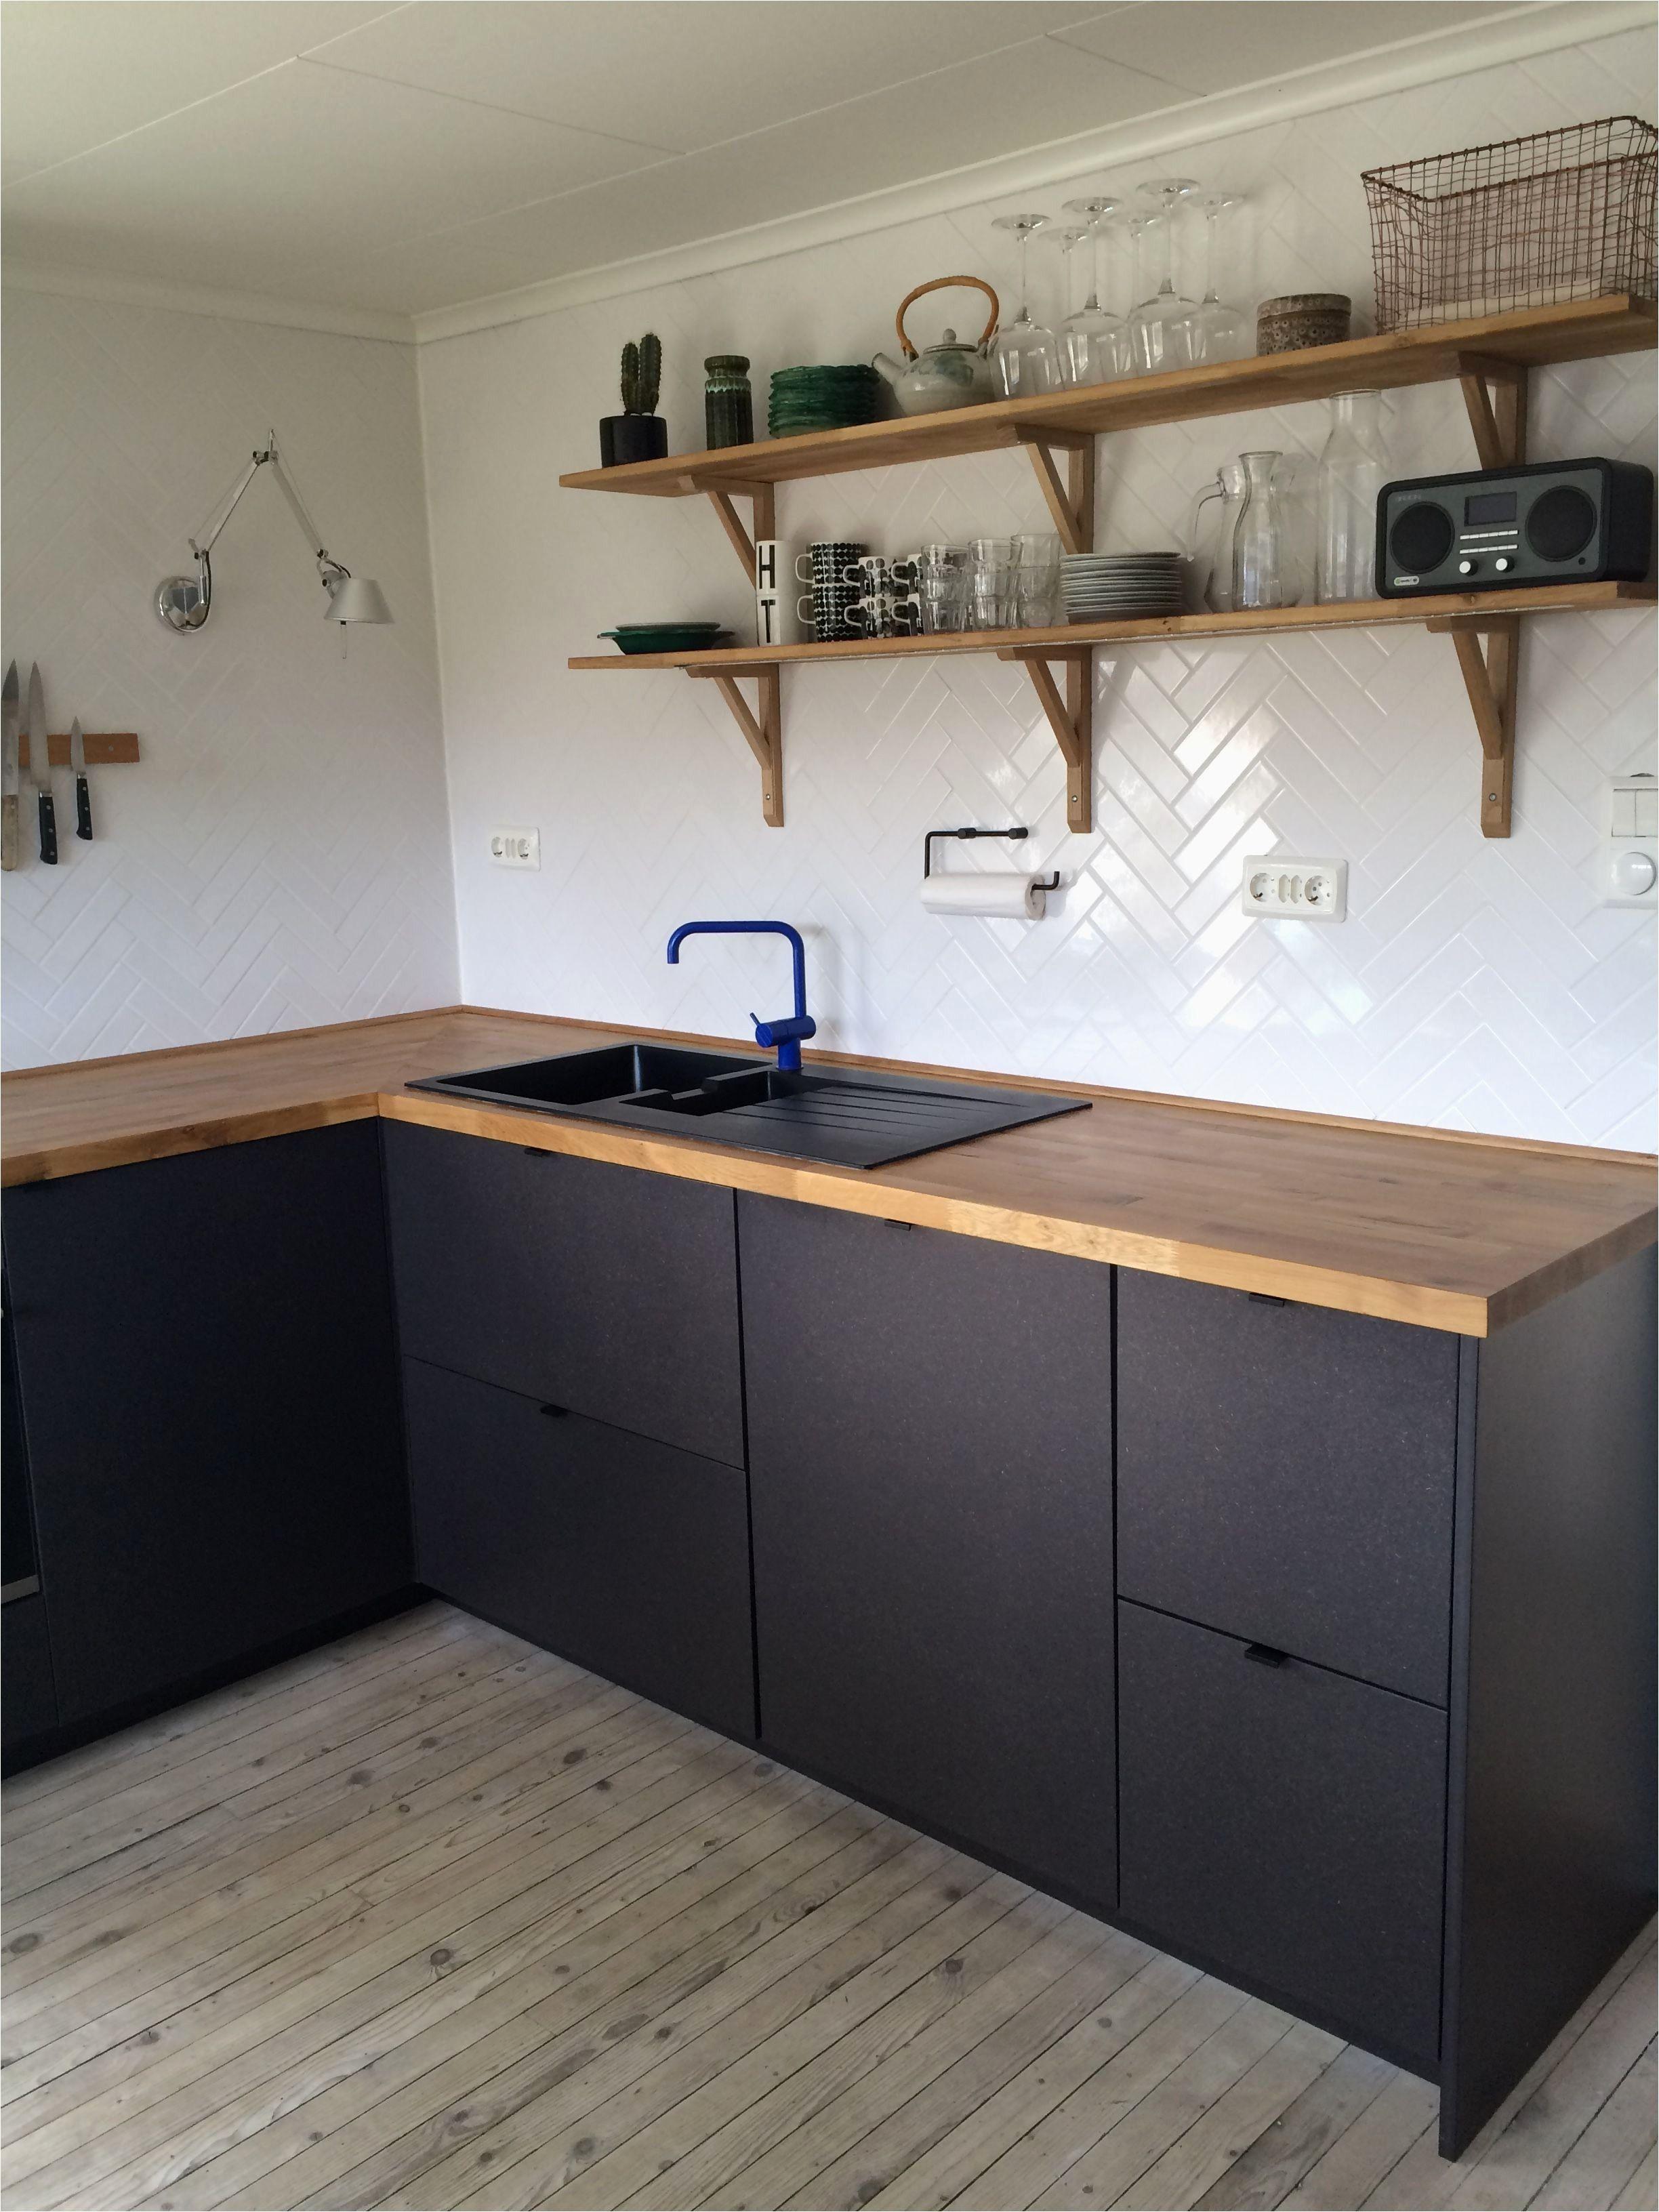 Pin Von Schrankde Auf Schrank In 2019 Pinterest Kitchen Ikea